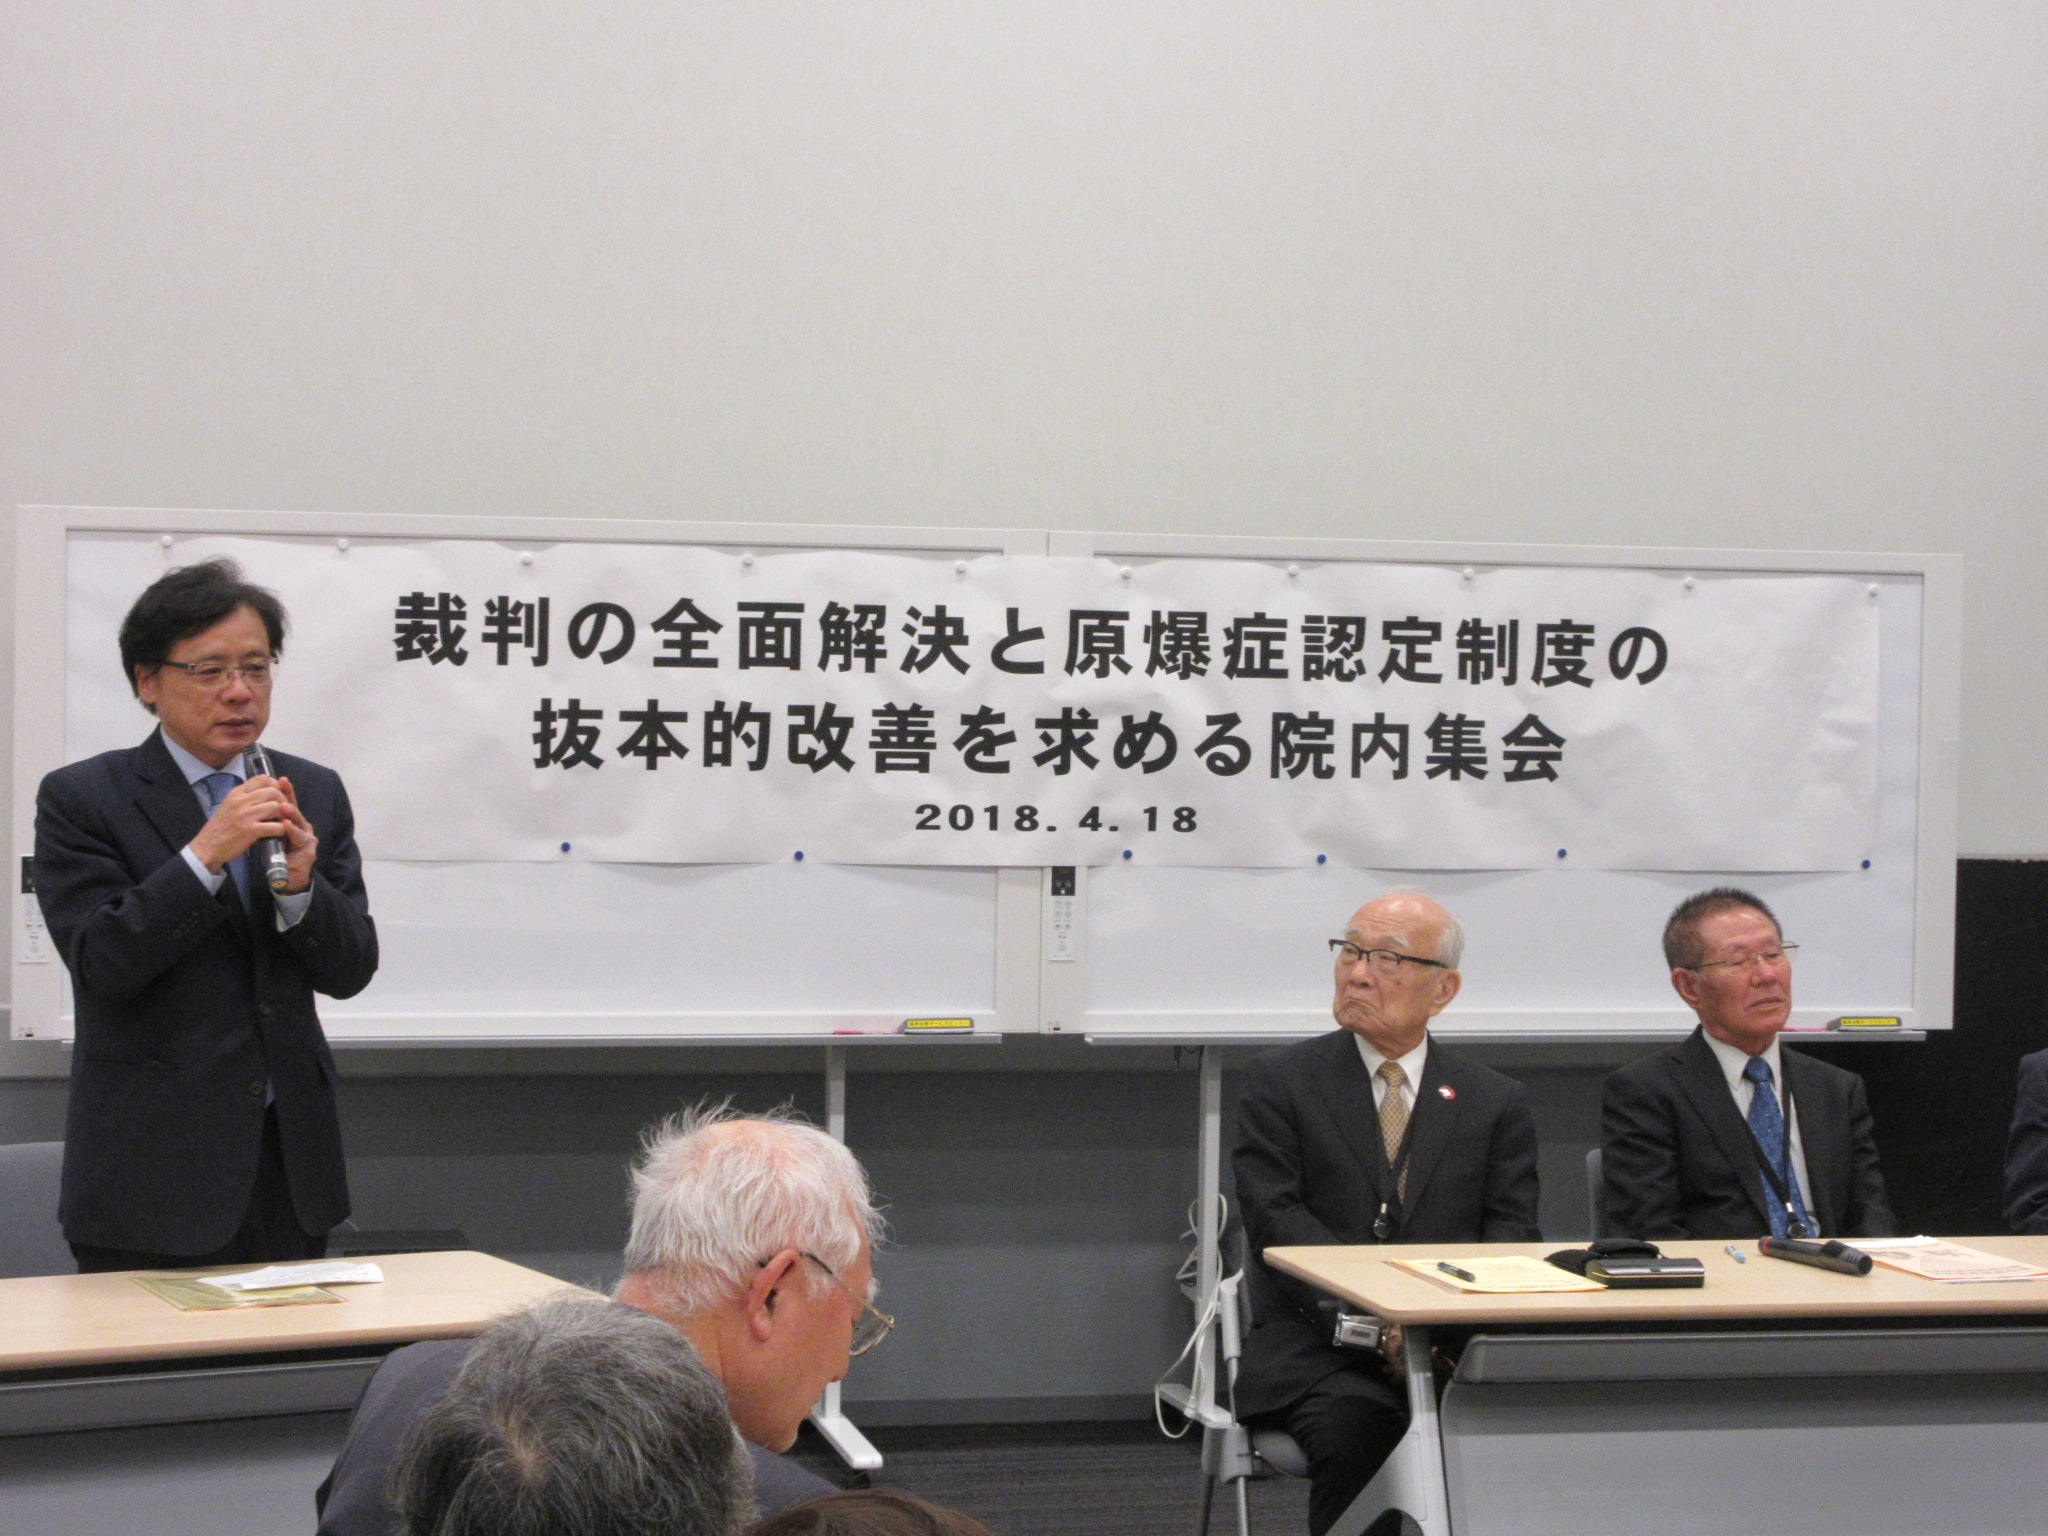 http://www.inoue-satoshi.com/diary/IMG_4300.JPG